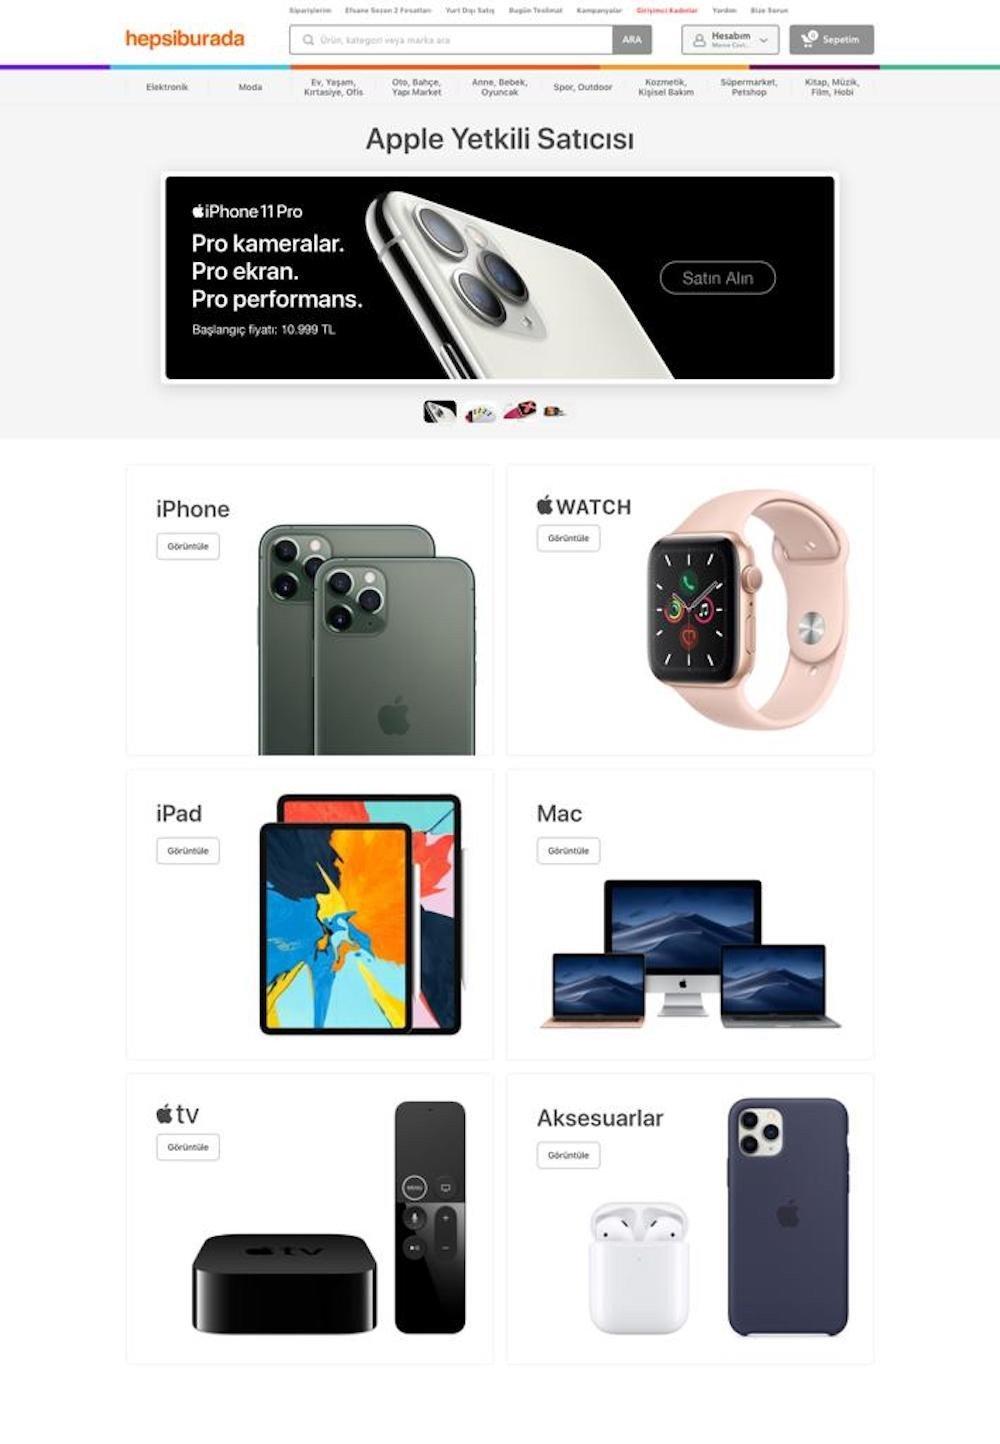 apple hepsiburada ile anlaştı ile ilgili görsel sonucu